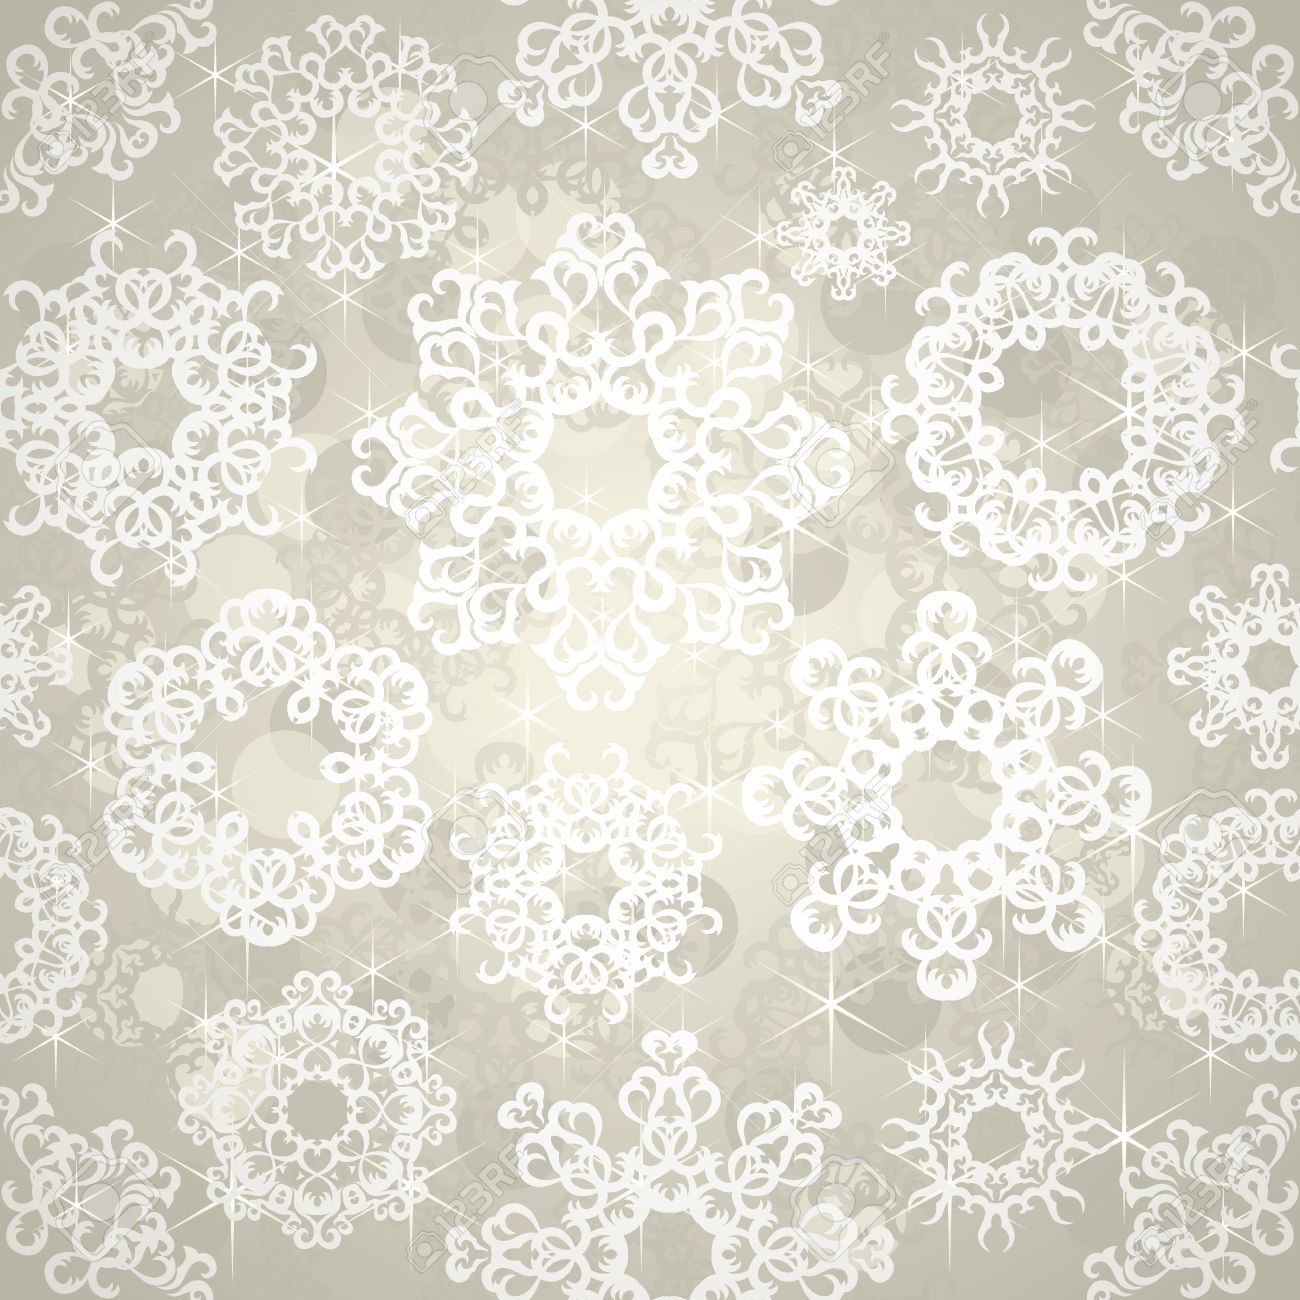 Papel Pintado Inconsútil Con Los Copos De Nieve. Navidad De Fondo ...